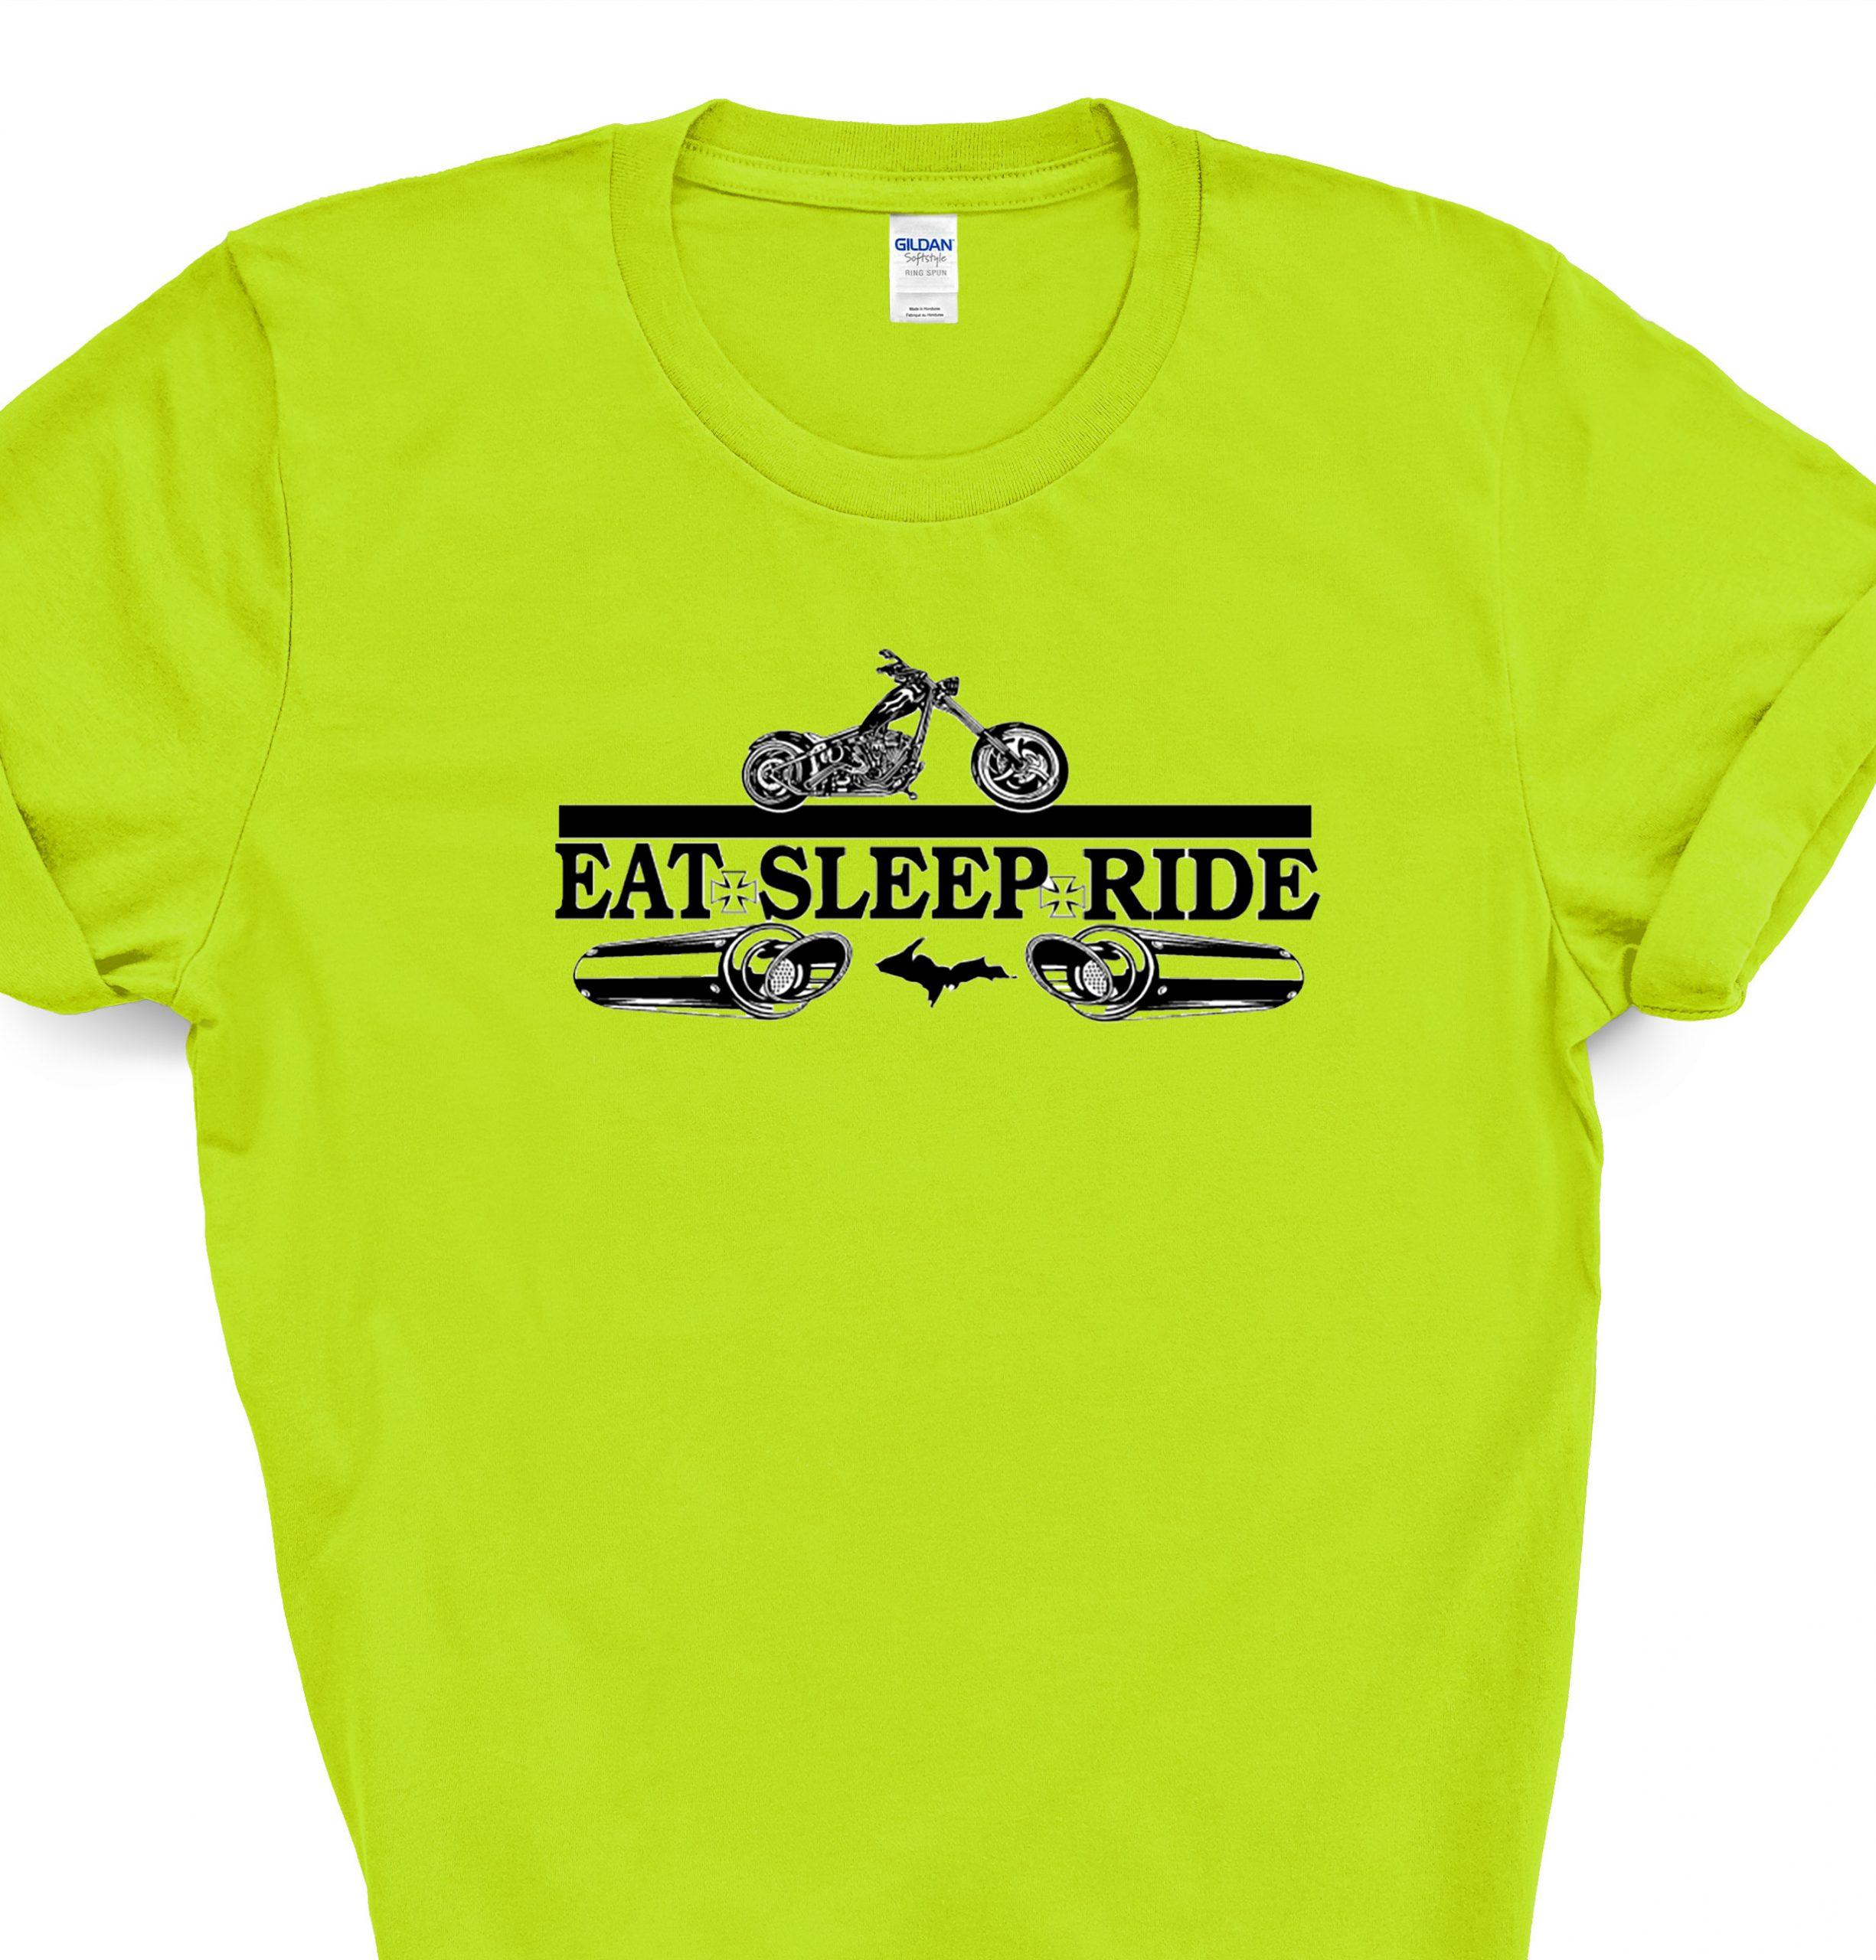 eat sleep ride yellow